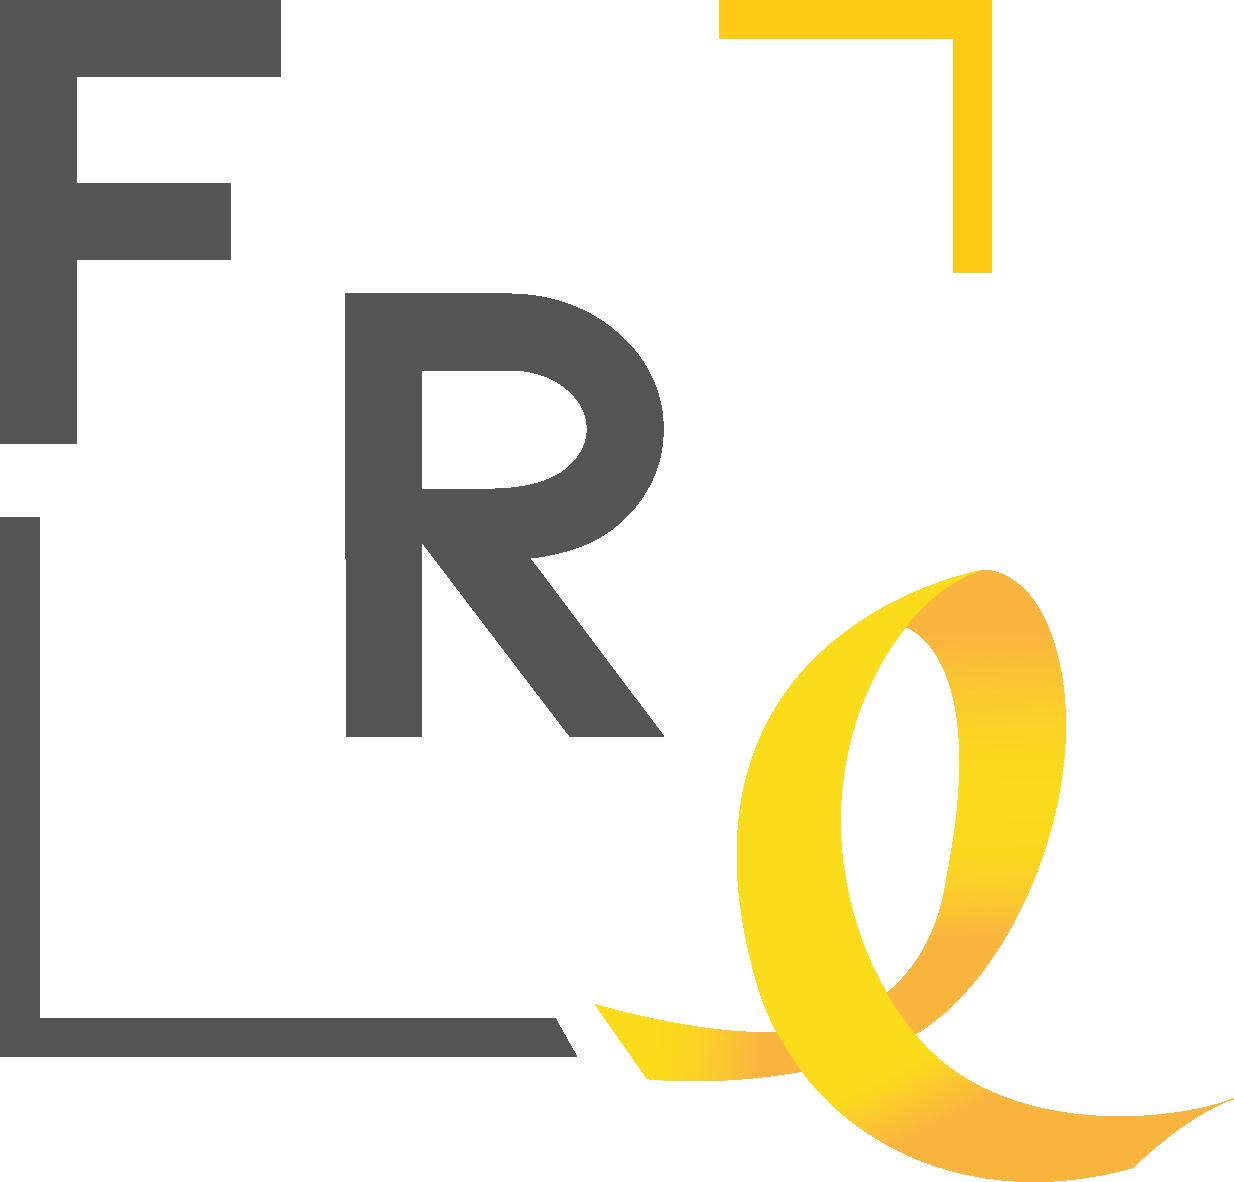 Fondation pour la Recherche sur l'Endométriose